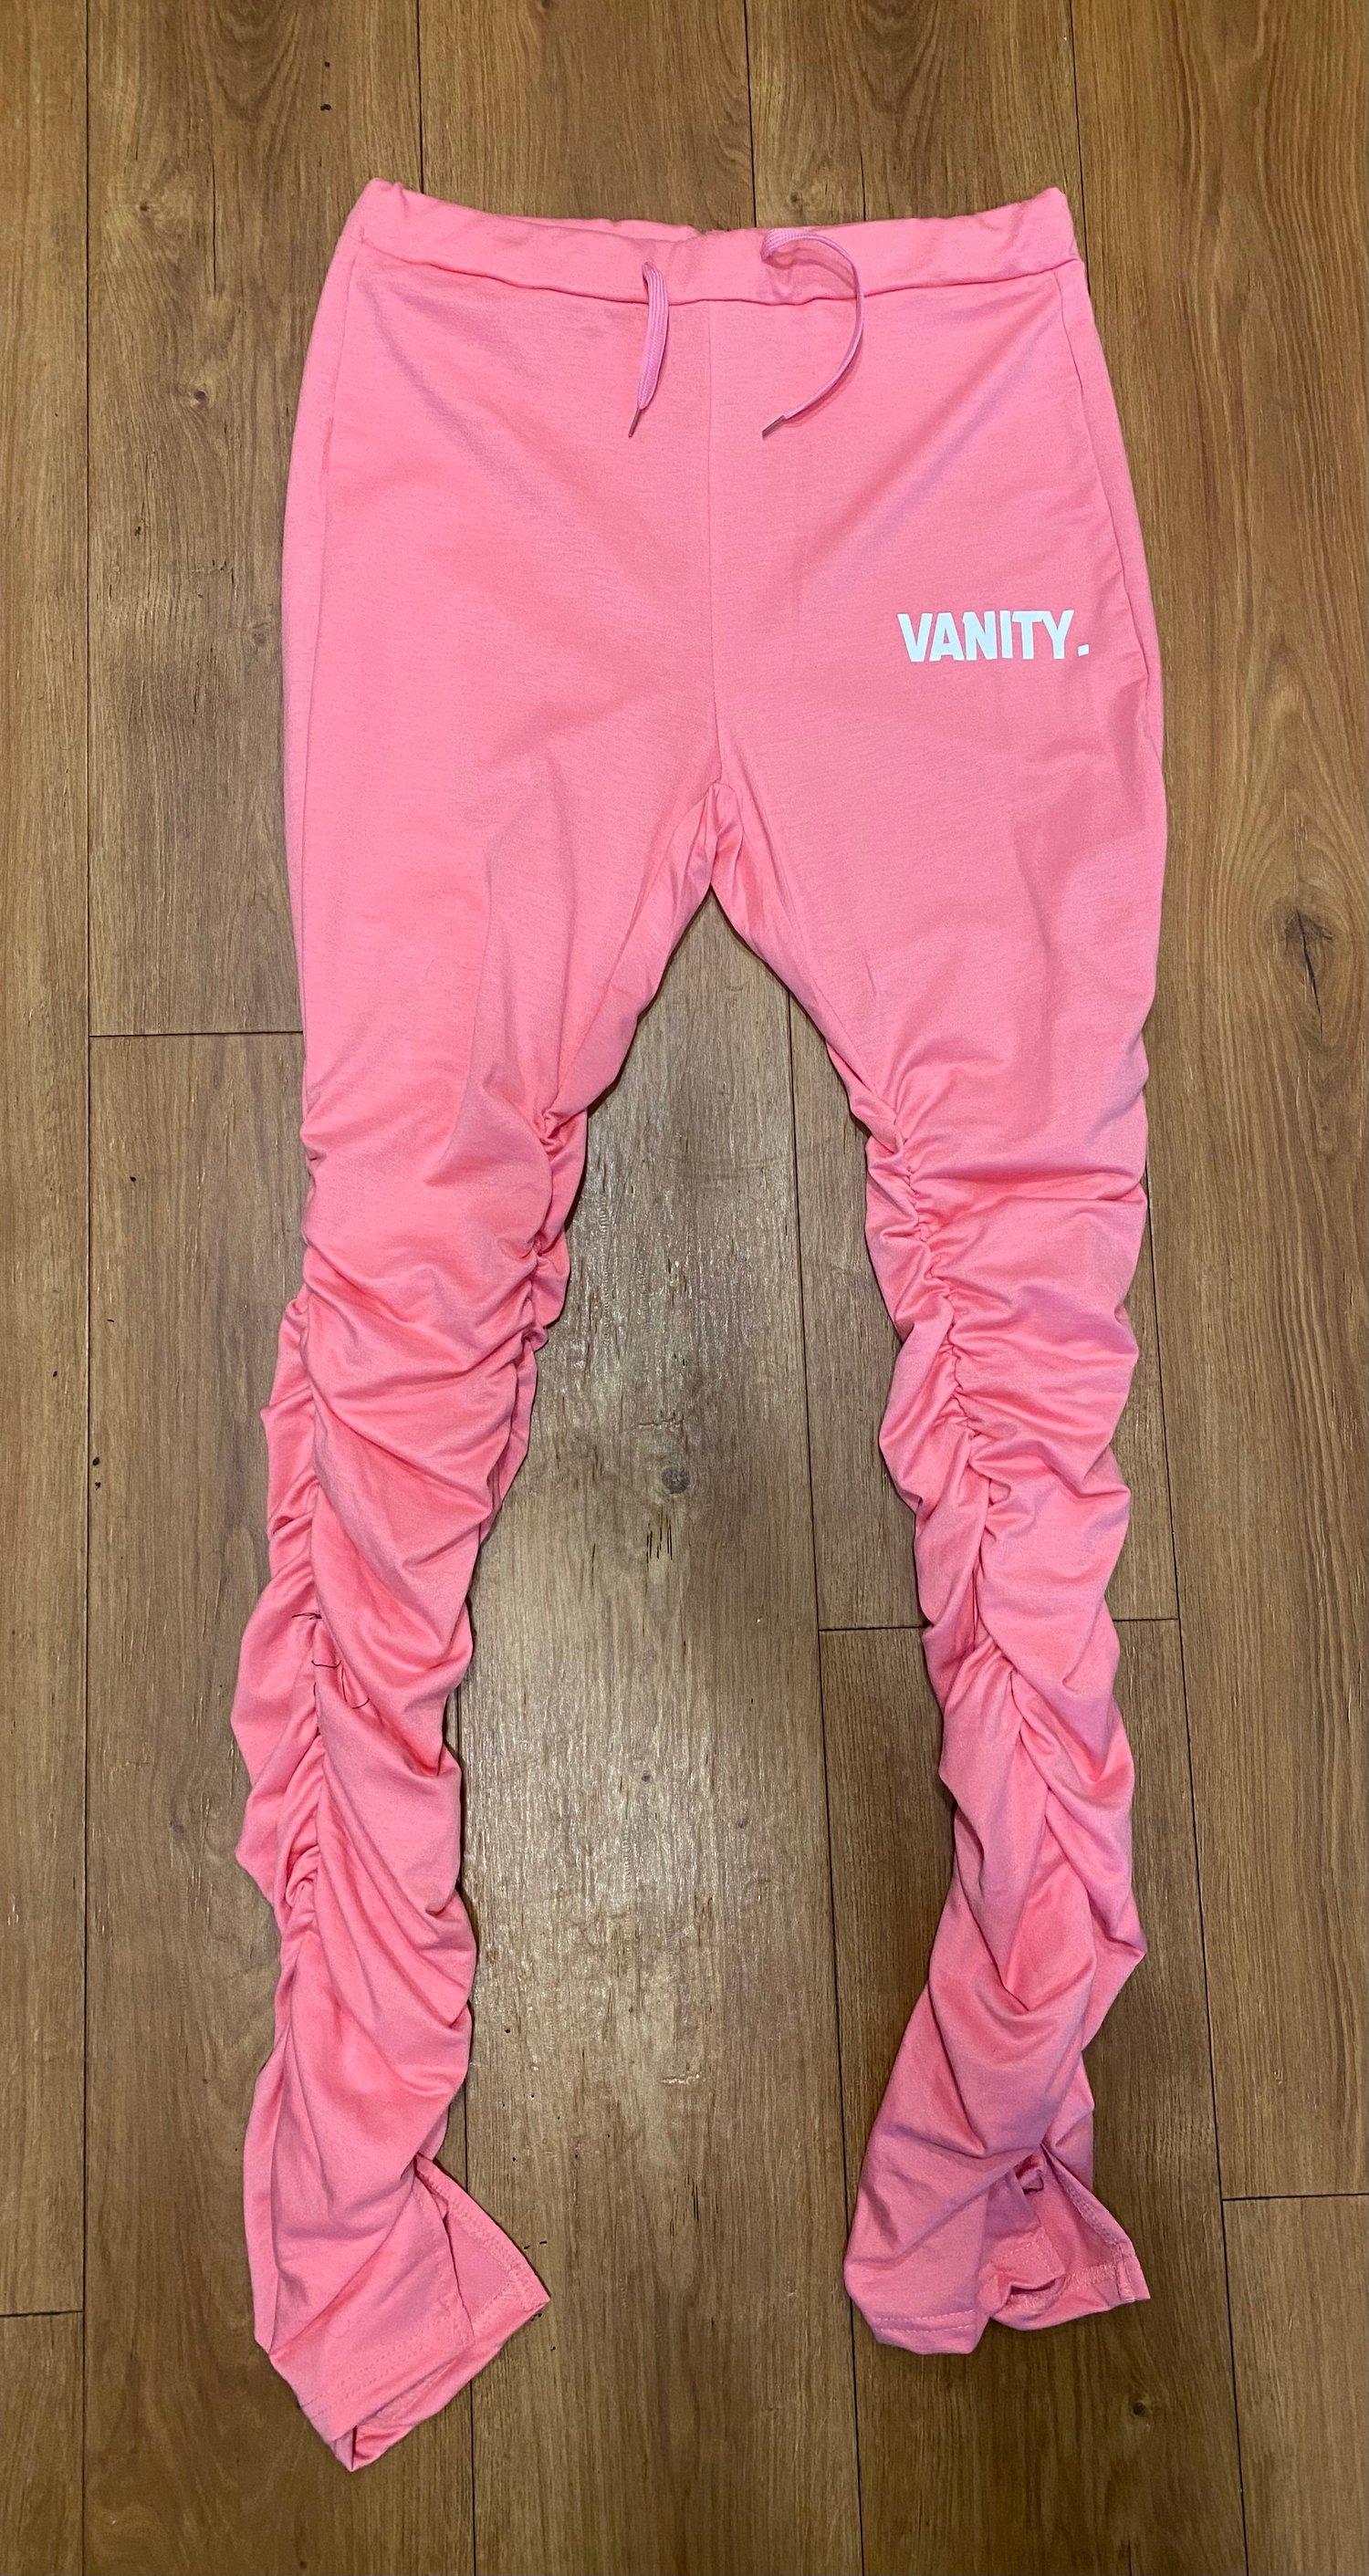 Image of Vanity Stacked Leggings